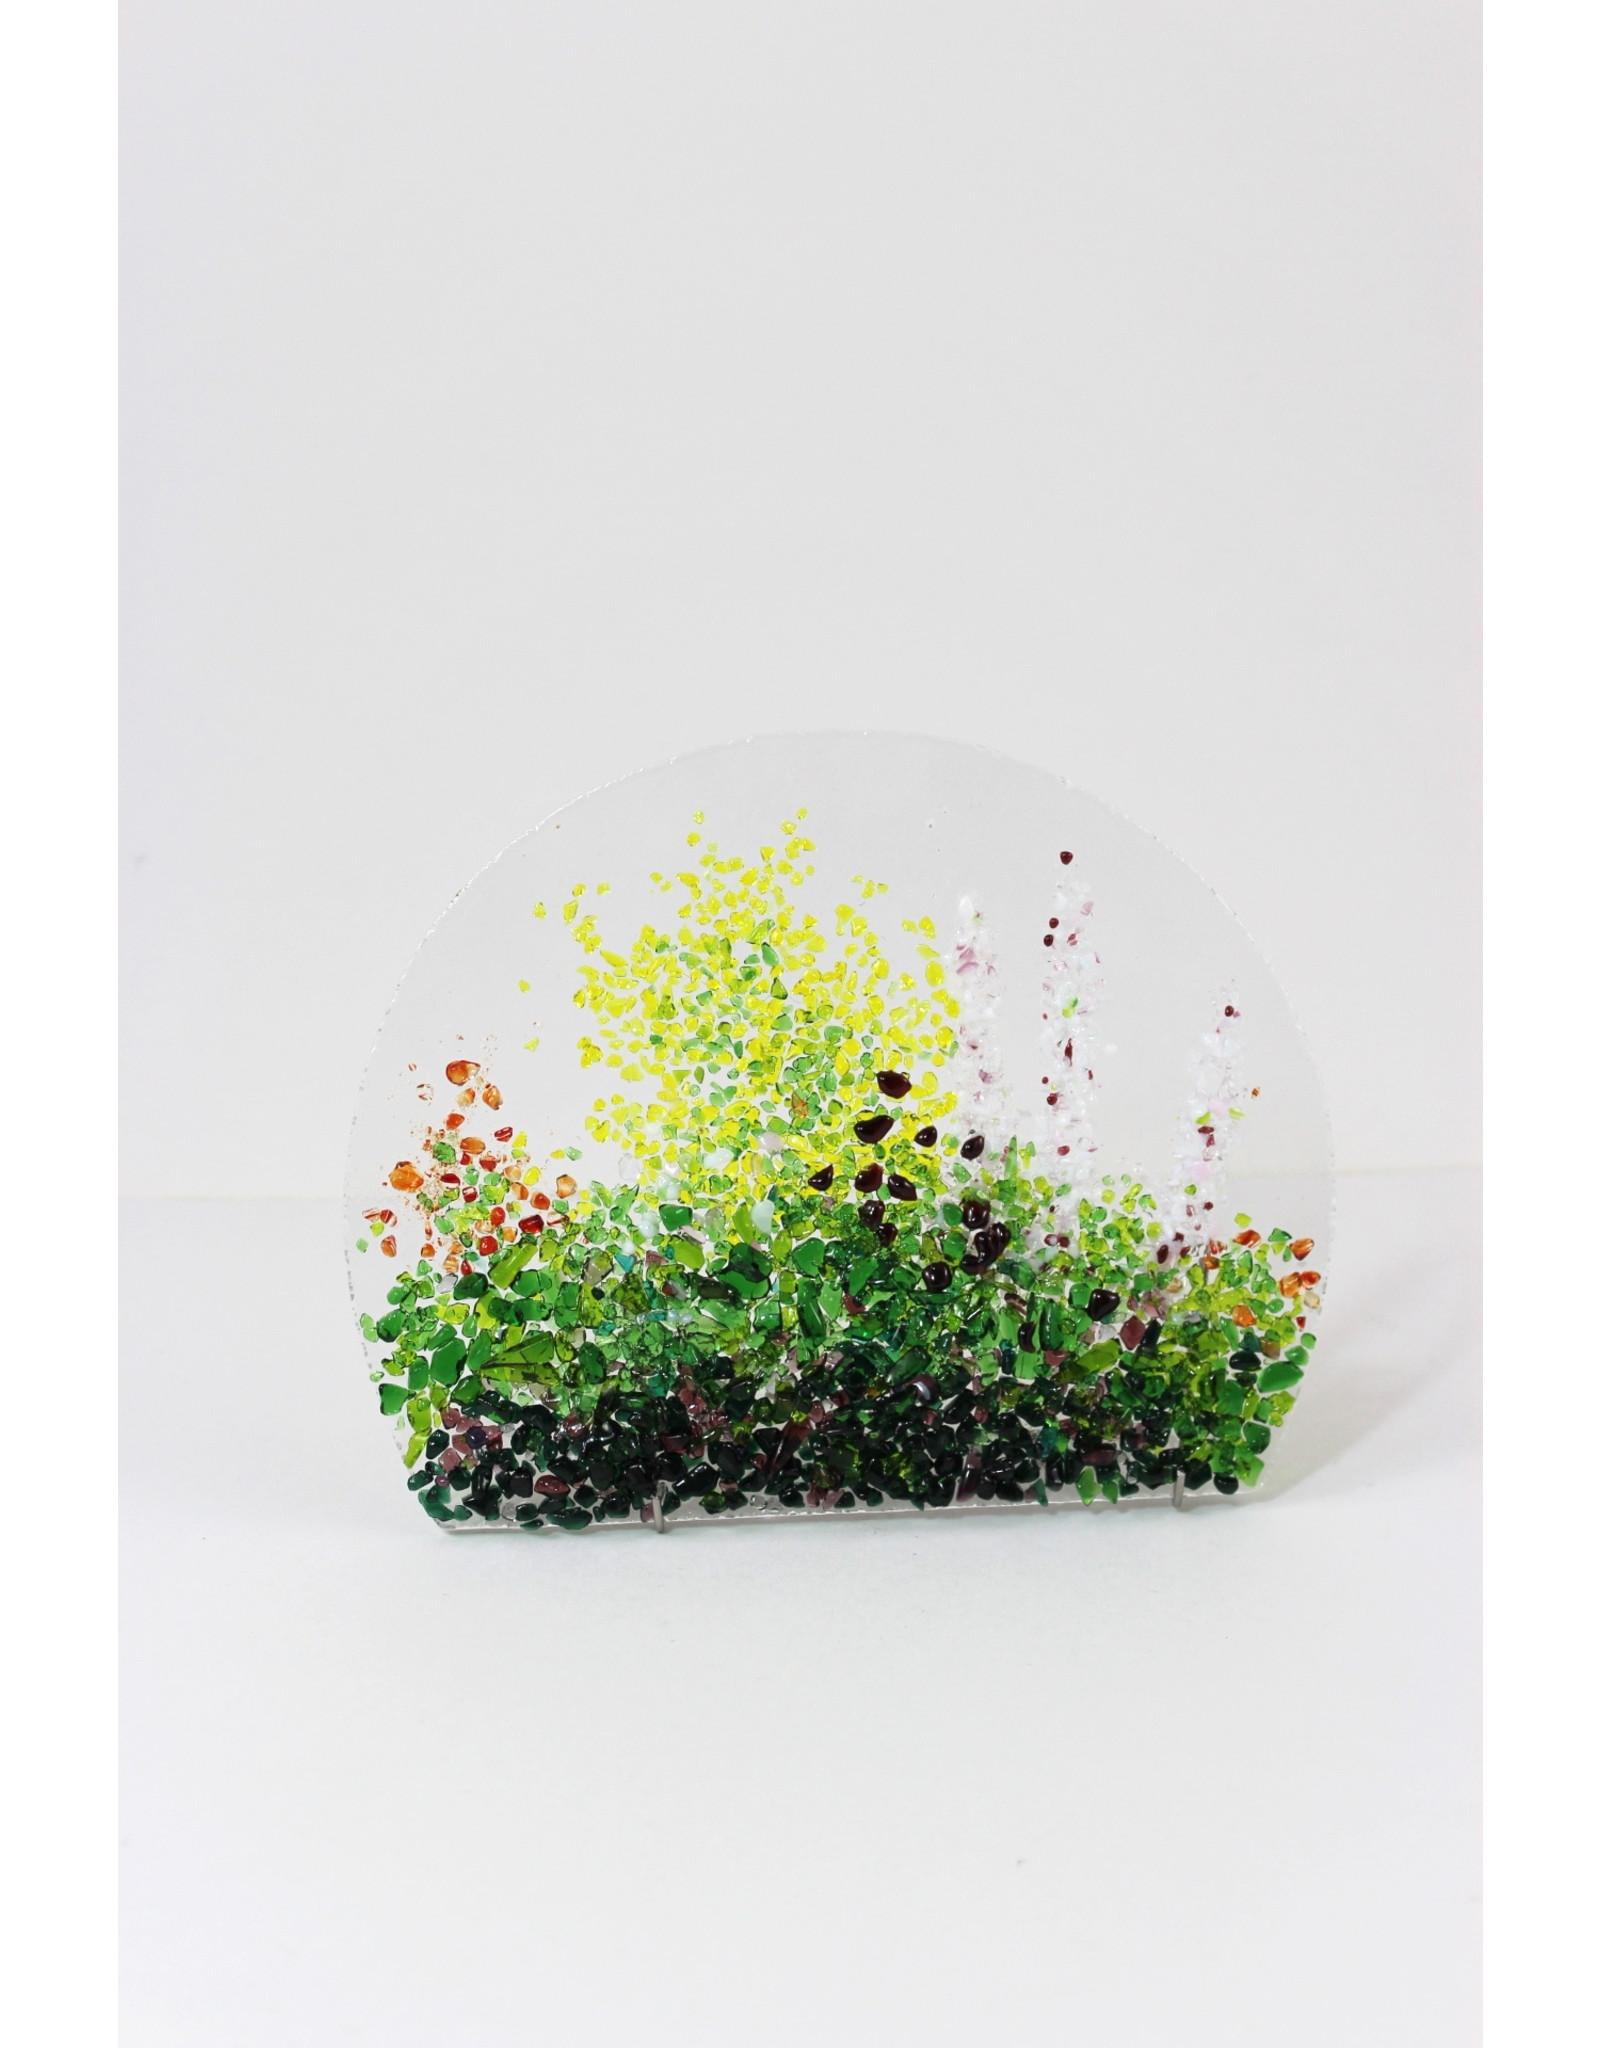 Brent Harding Wild Flowers by Brent Harding